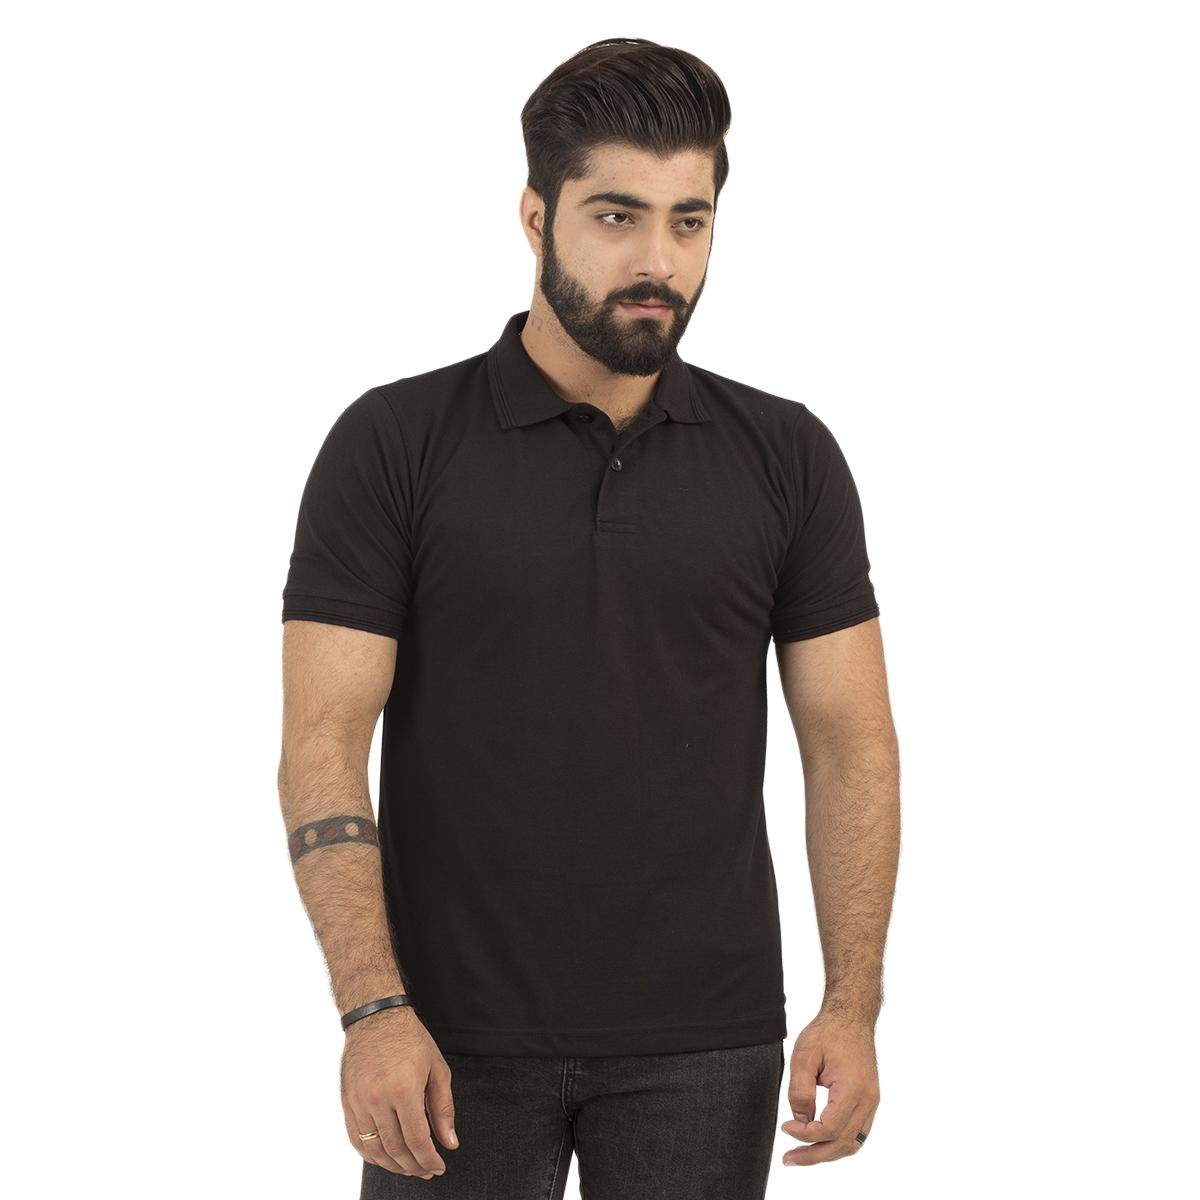 Half Sleeves Plain Polo Tshirts For Men